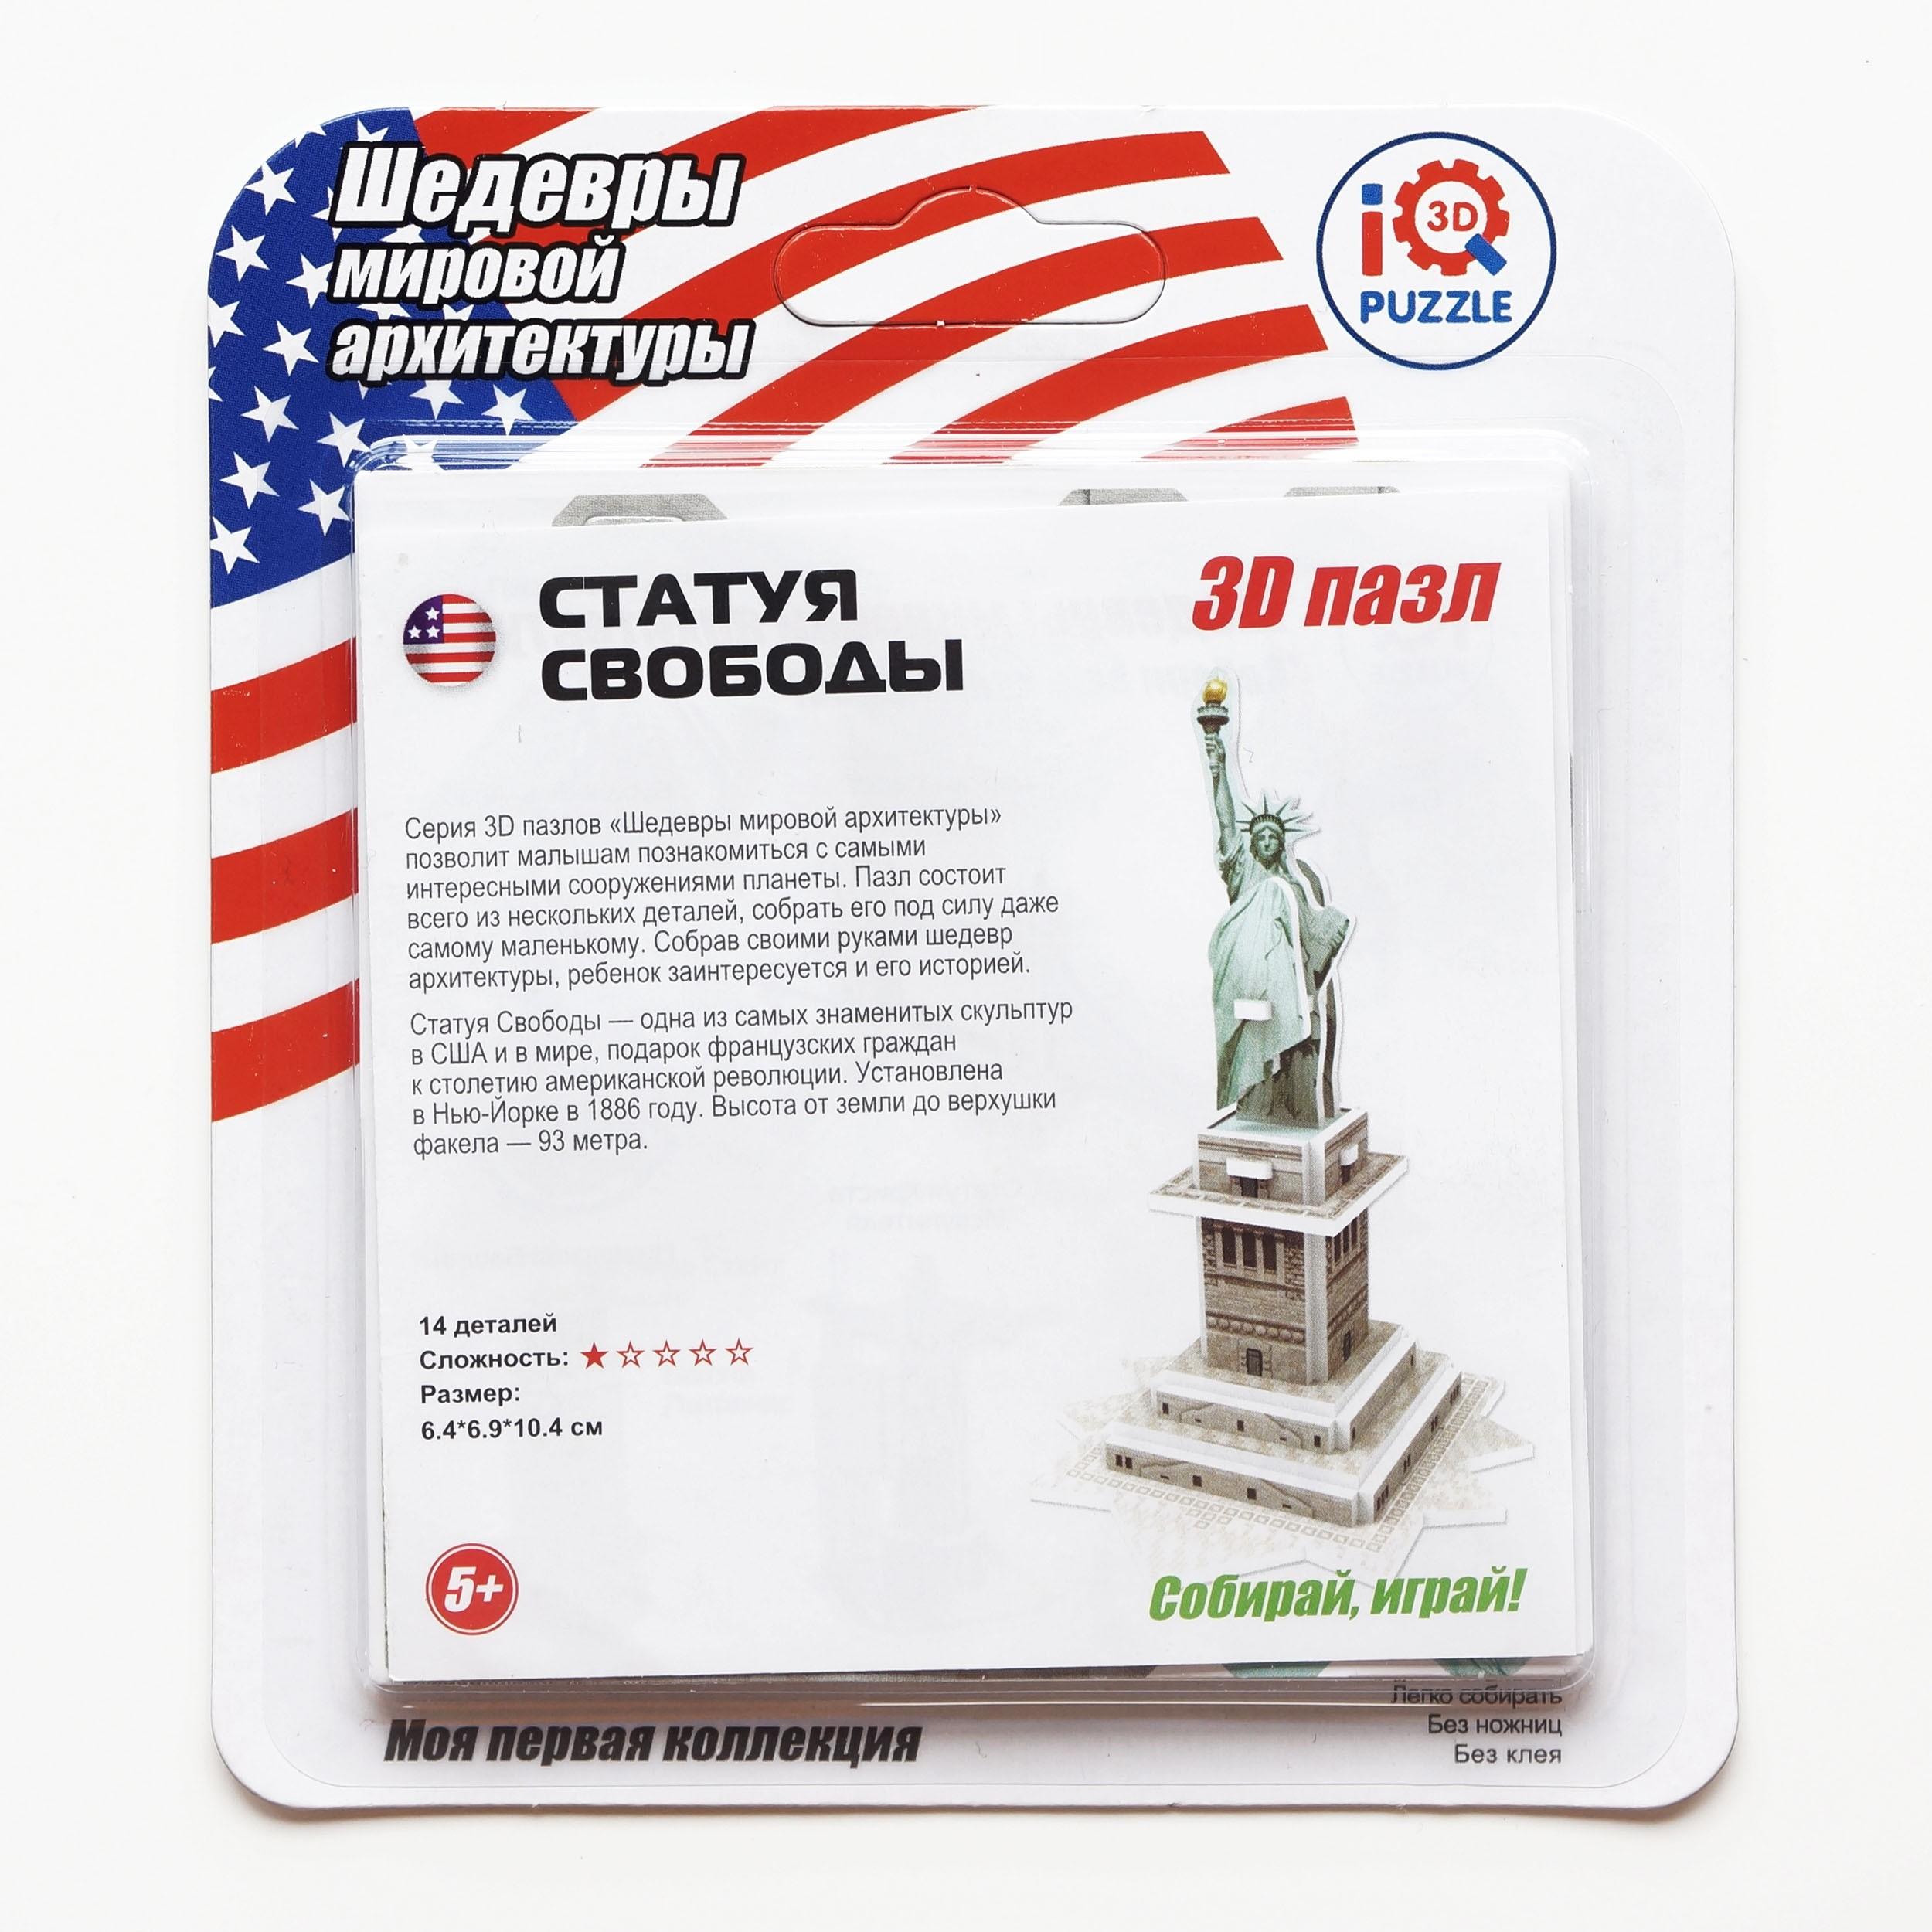 Пазлы IQ 3D Puzzle Статуя Свободы 3d пазл creative studio достопримечательности статуя свободы p031a